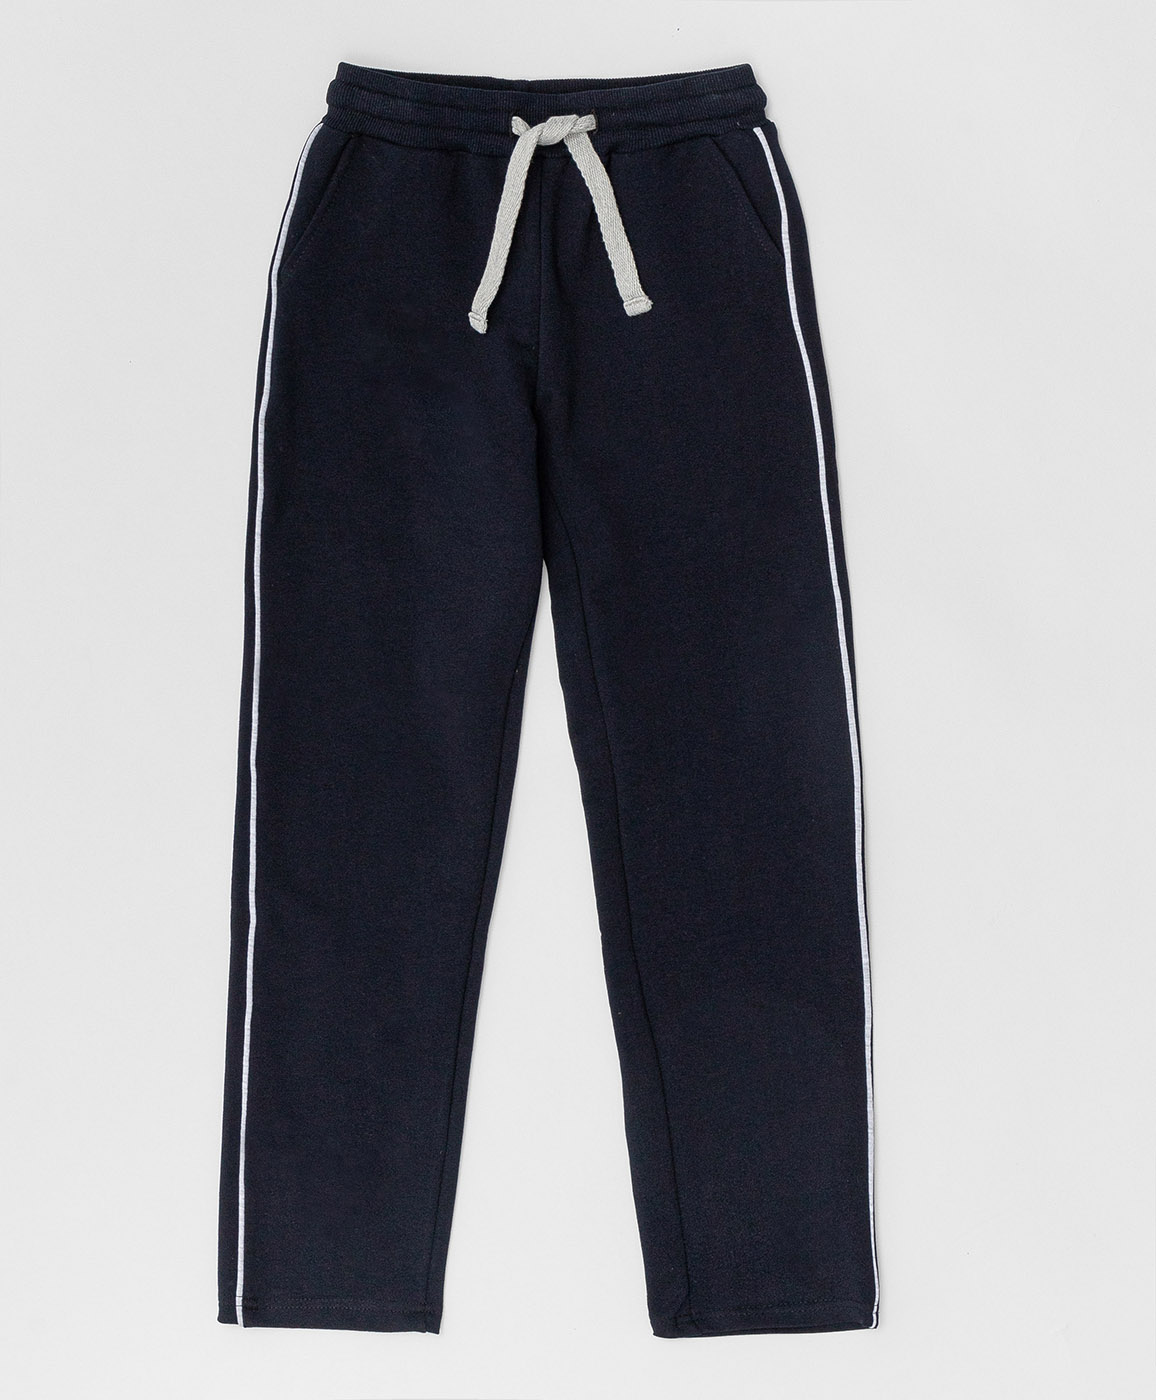 Купить 220BBGS56011000, Синие брюки из футера Button Blue, синий, 122, Футер, Женский, Демисезон, ШКОЛЬНАЯ ФОРМА 2020-2021 (shop: GulliverMarket Gulliver Market)